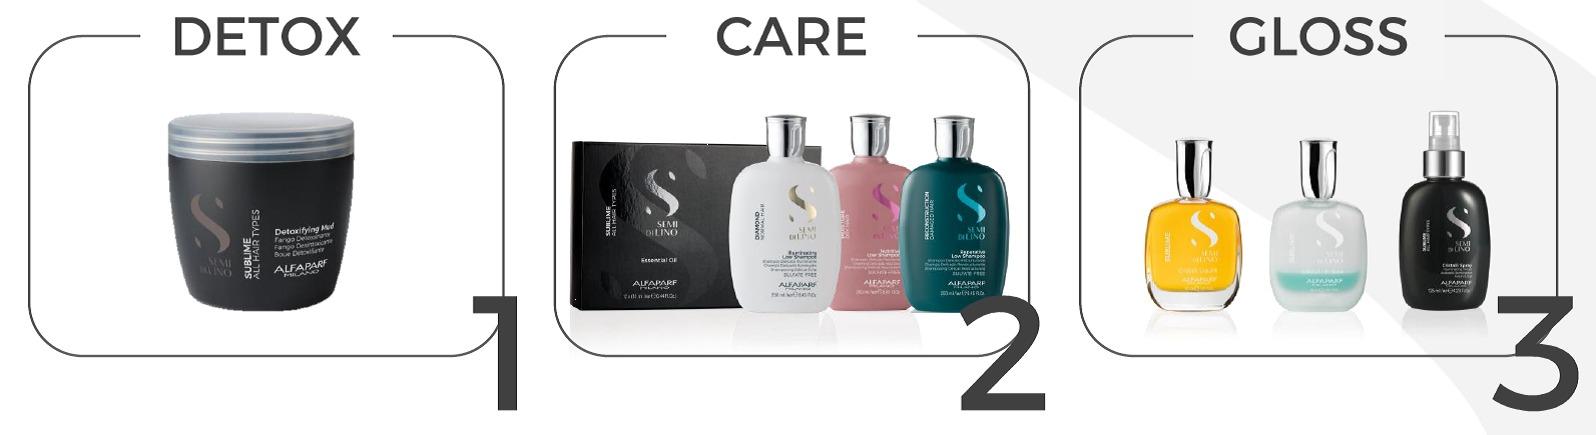 סדרת מוצרי טיפוח חדשה SEMI DILINO - שיטת טיפול לכל סוגי השיער ב3 שלבים- ניקוי עמוק, טיפוח וברק